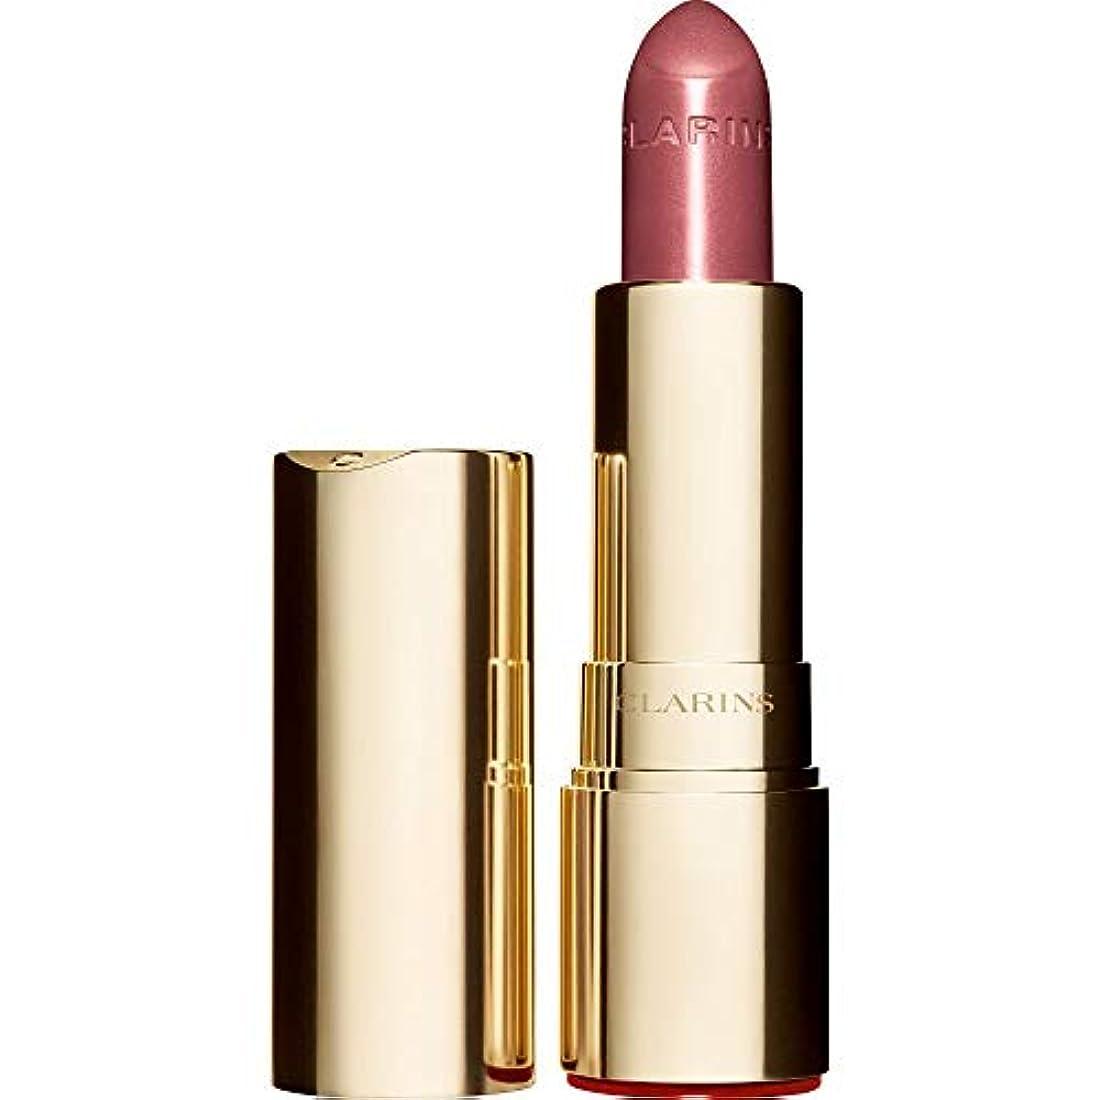 に話す子供時代どこにも[Clarins ] クラランスジョリルージュブリリアント口紅3.5グラムの731Sは、 - ベリーローズ - Clarins Joli Rouge Brillant Lipstick 3.5g 731S - Rose...